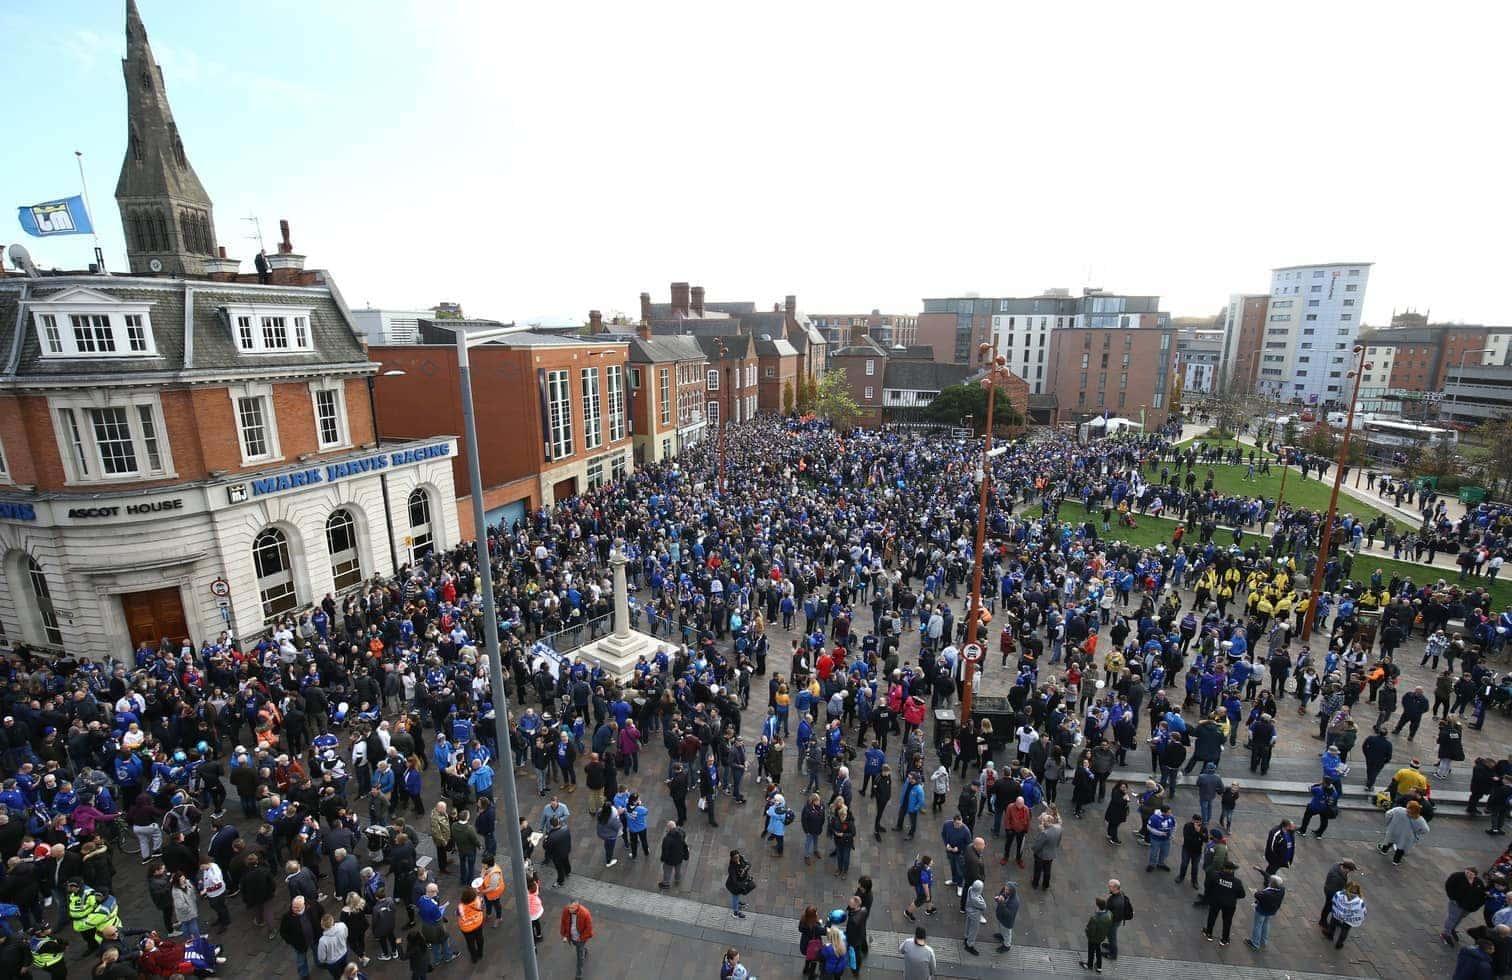 <p>Vor der Partie gegen den FC Burnley (0:0) nahmen bei strömendem Regen Tausende an einem Trauermarsch von der Innenstadt Leicesters zum King Power Stadion teil.</p> Foto: Joe Giddens/dpa